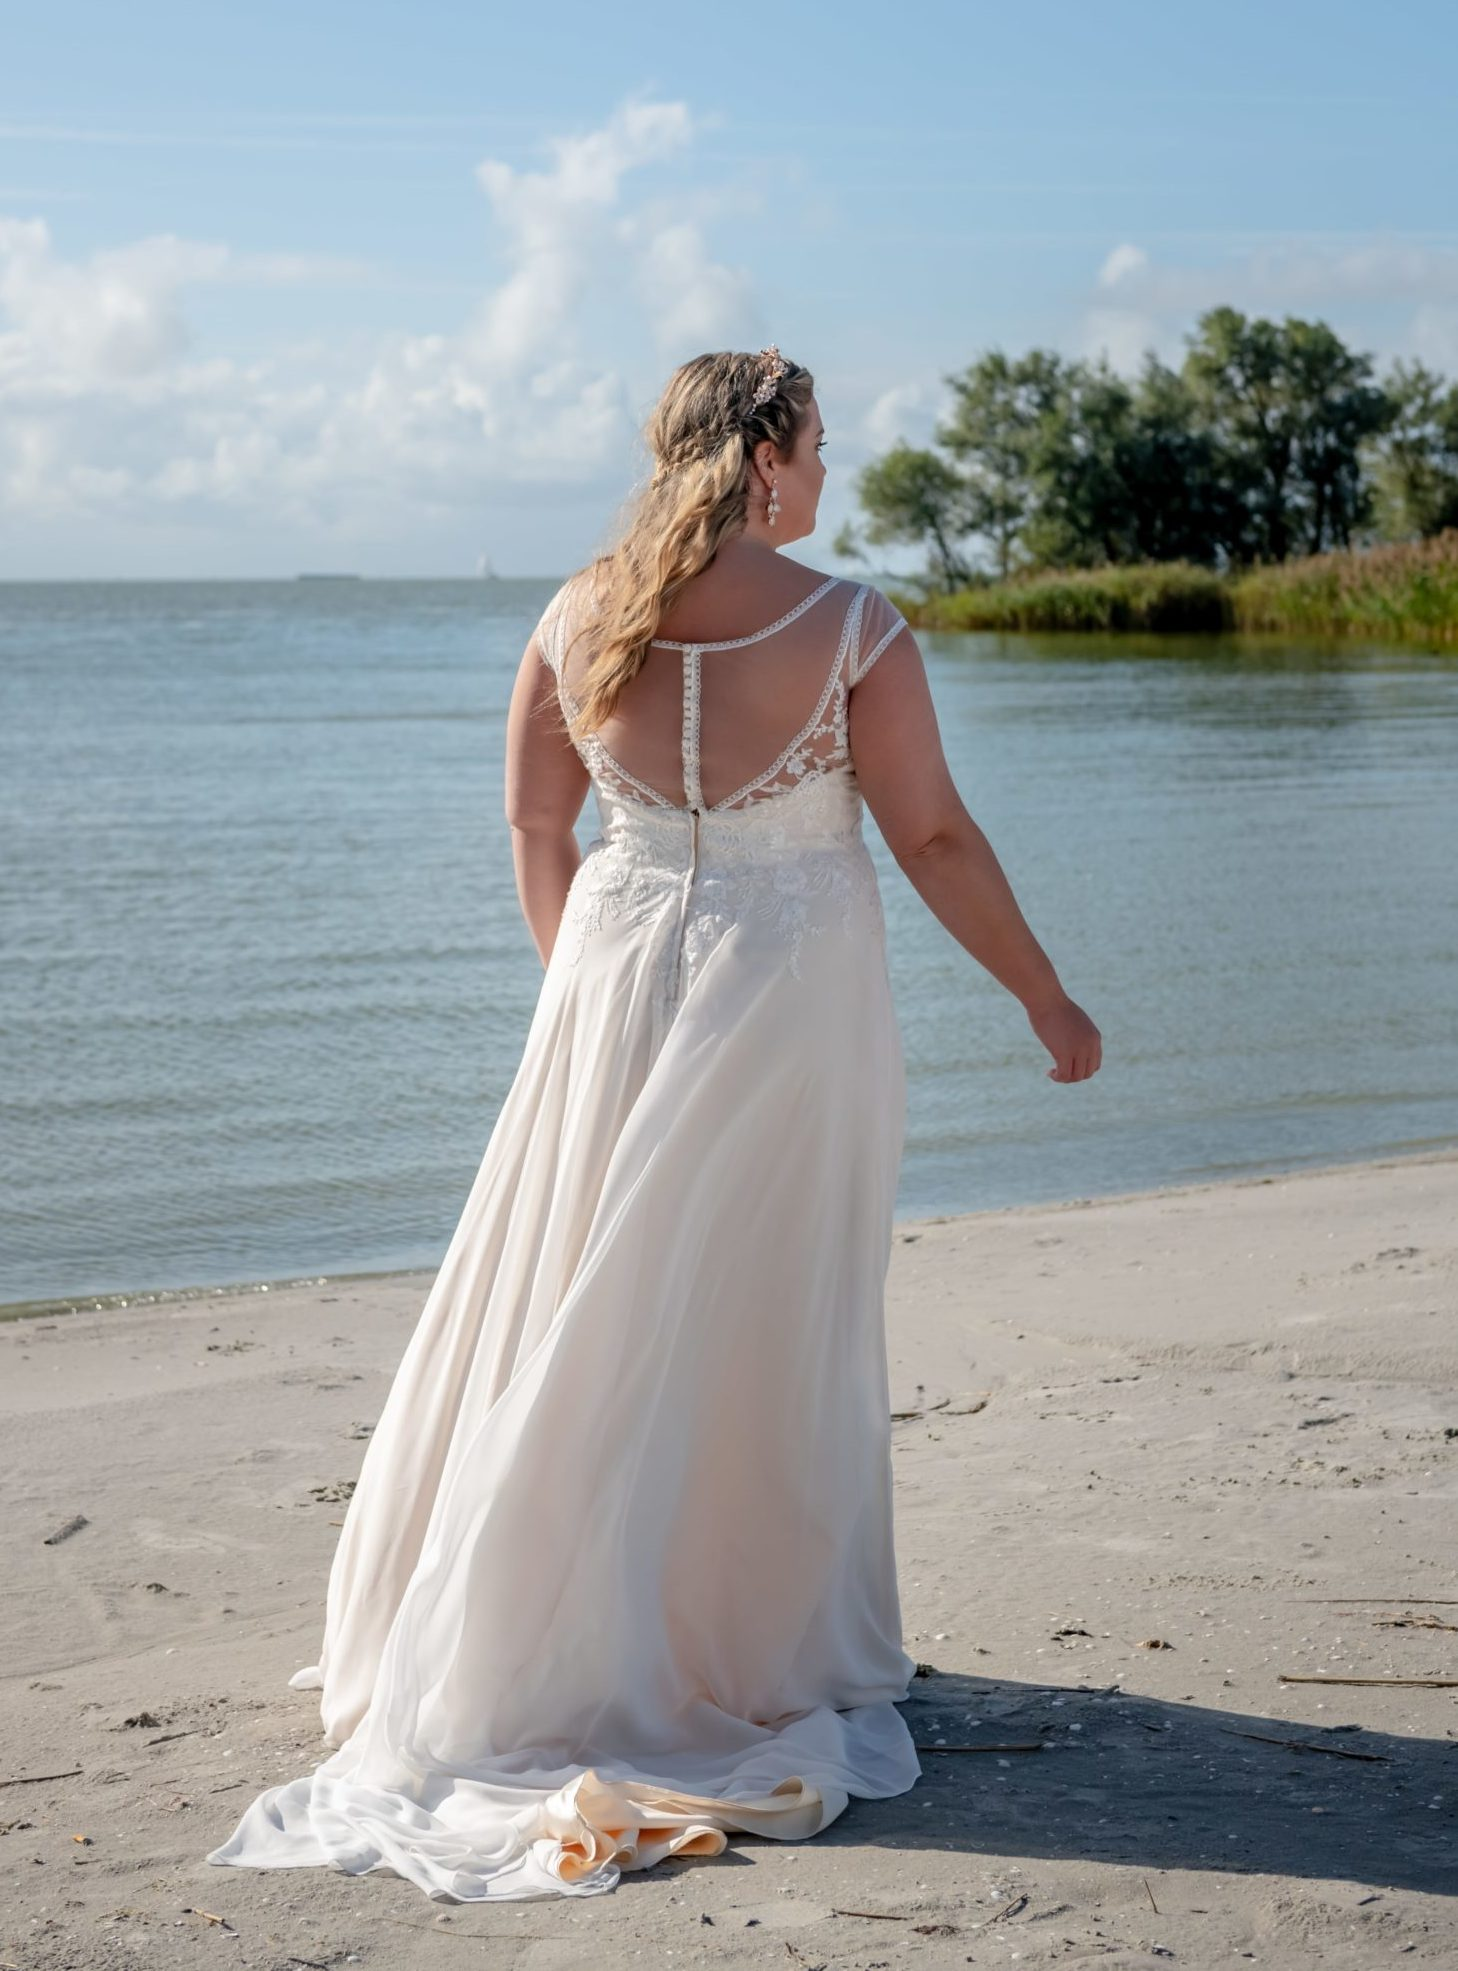 brautatelier ried-curvy bride collection-bridalstar-Guusje-vintage-ruecken-1-min